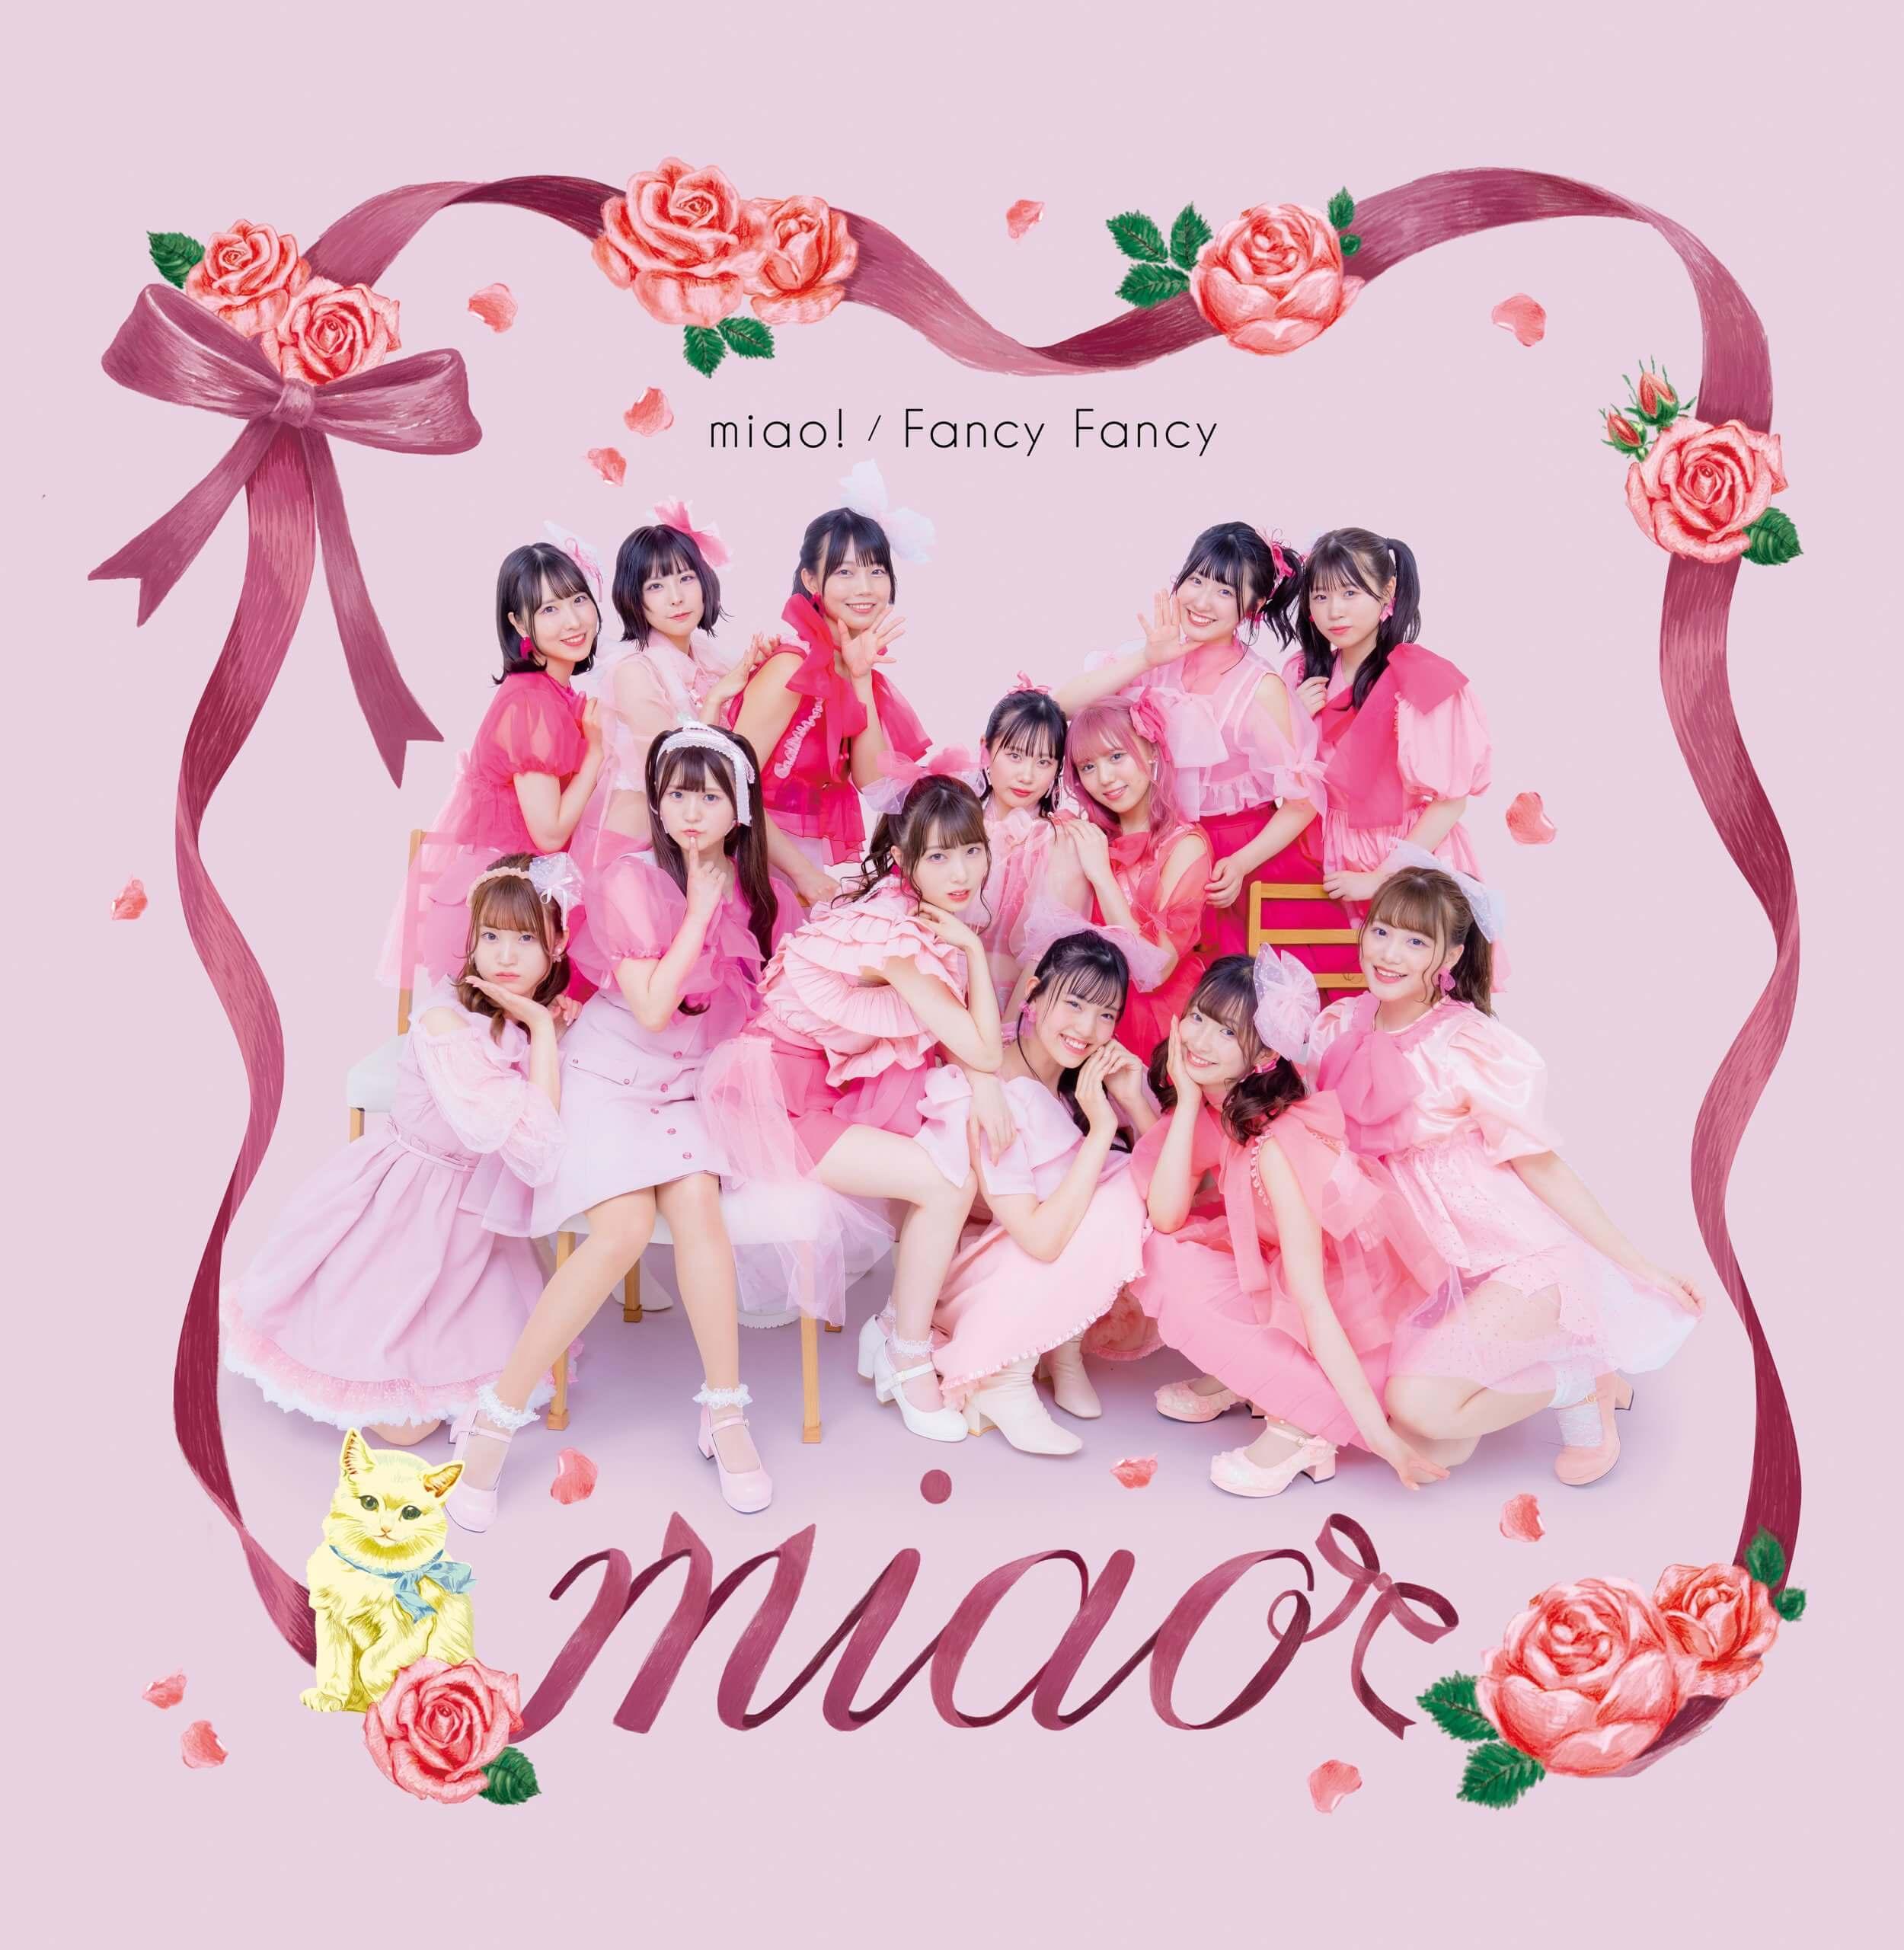 【全53種ランダムブロマイド特典】8/4(水)発売 miao! 「 miao! / FancyFancy」miao version(FORZA-10001)